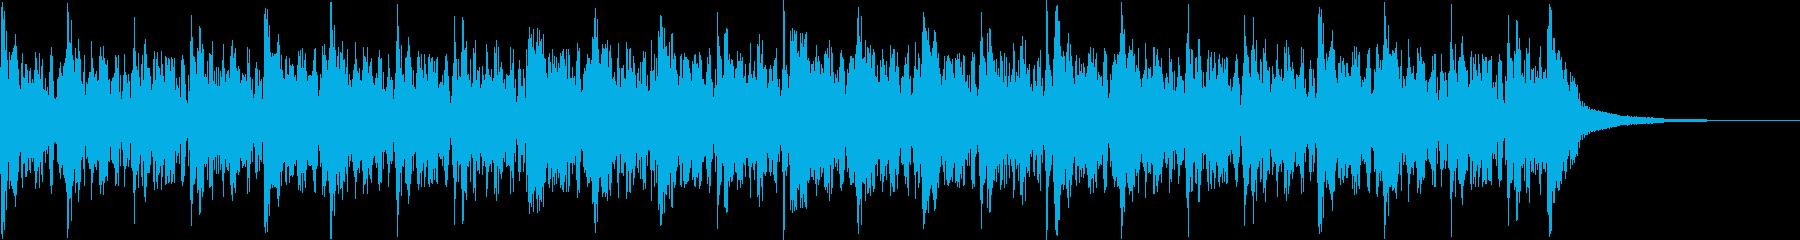 Pf「覗」和風現代ジャズの再生済みの波形